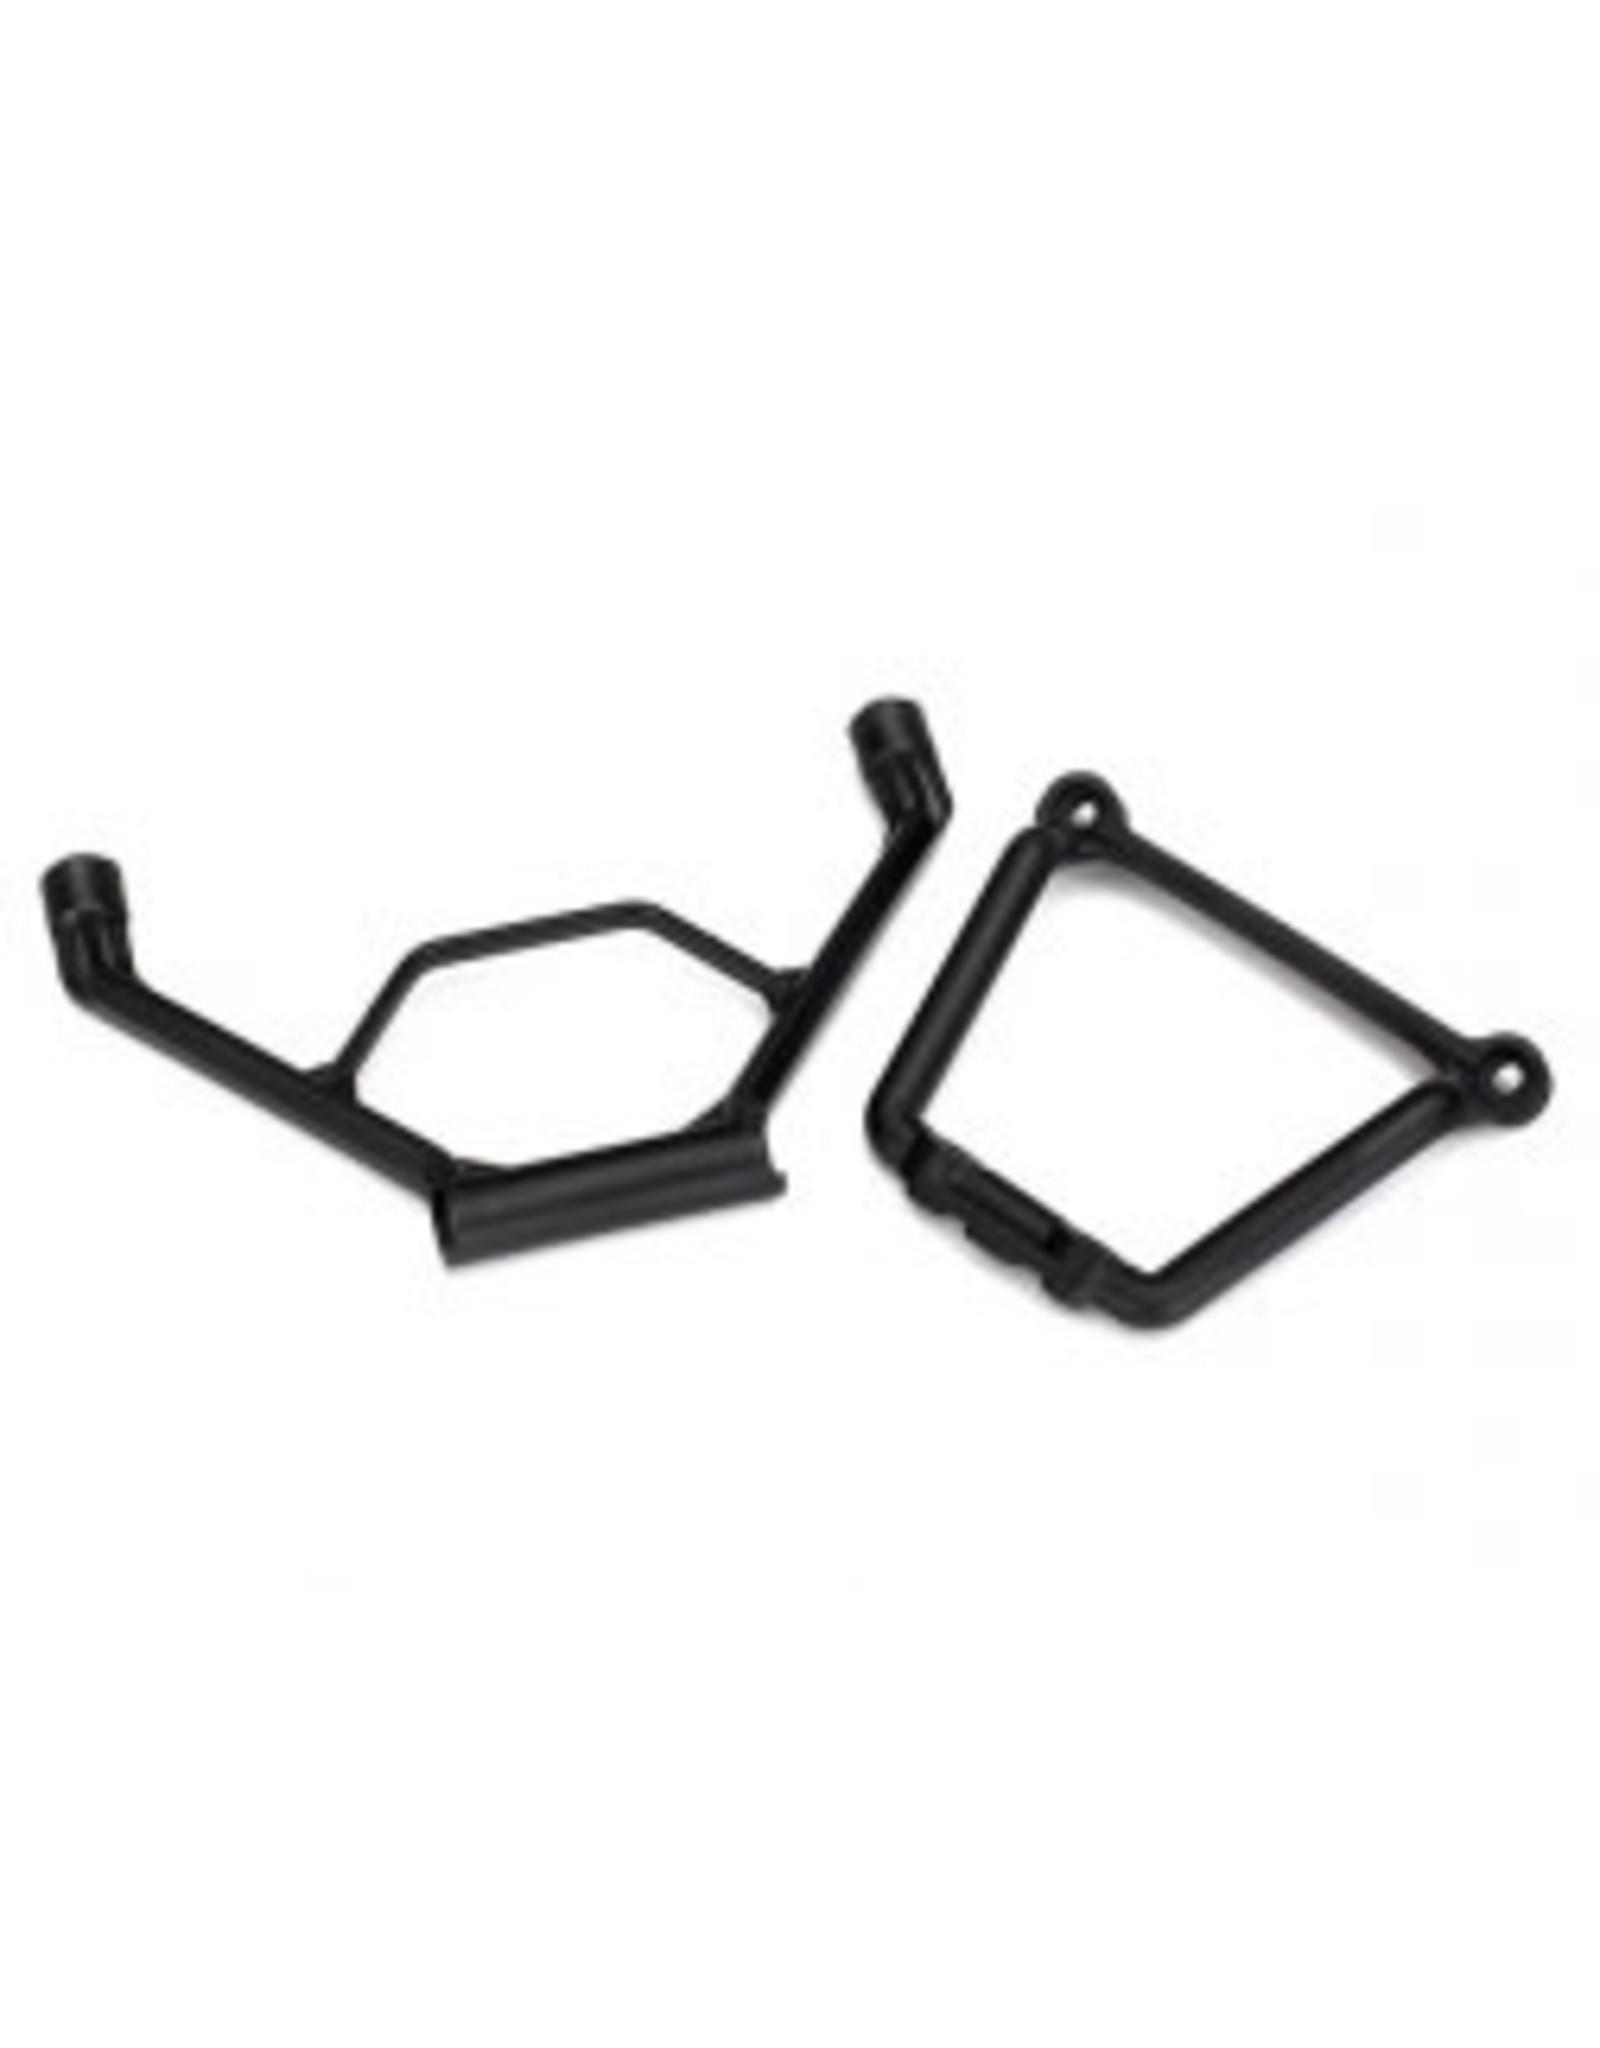 Traxxas [Bumper mount, front/ bumper support] Bumper mount, front/ bumper support